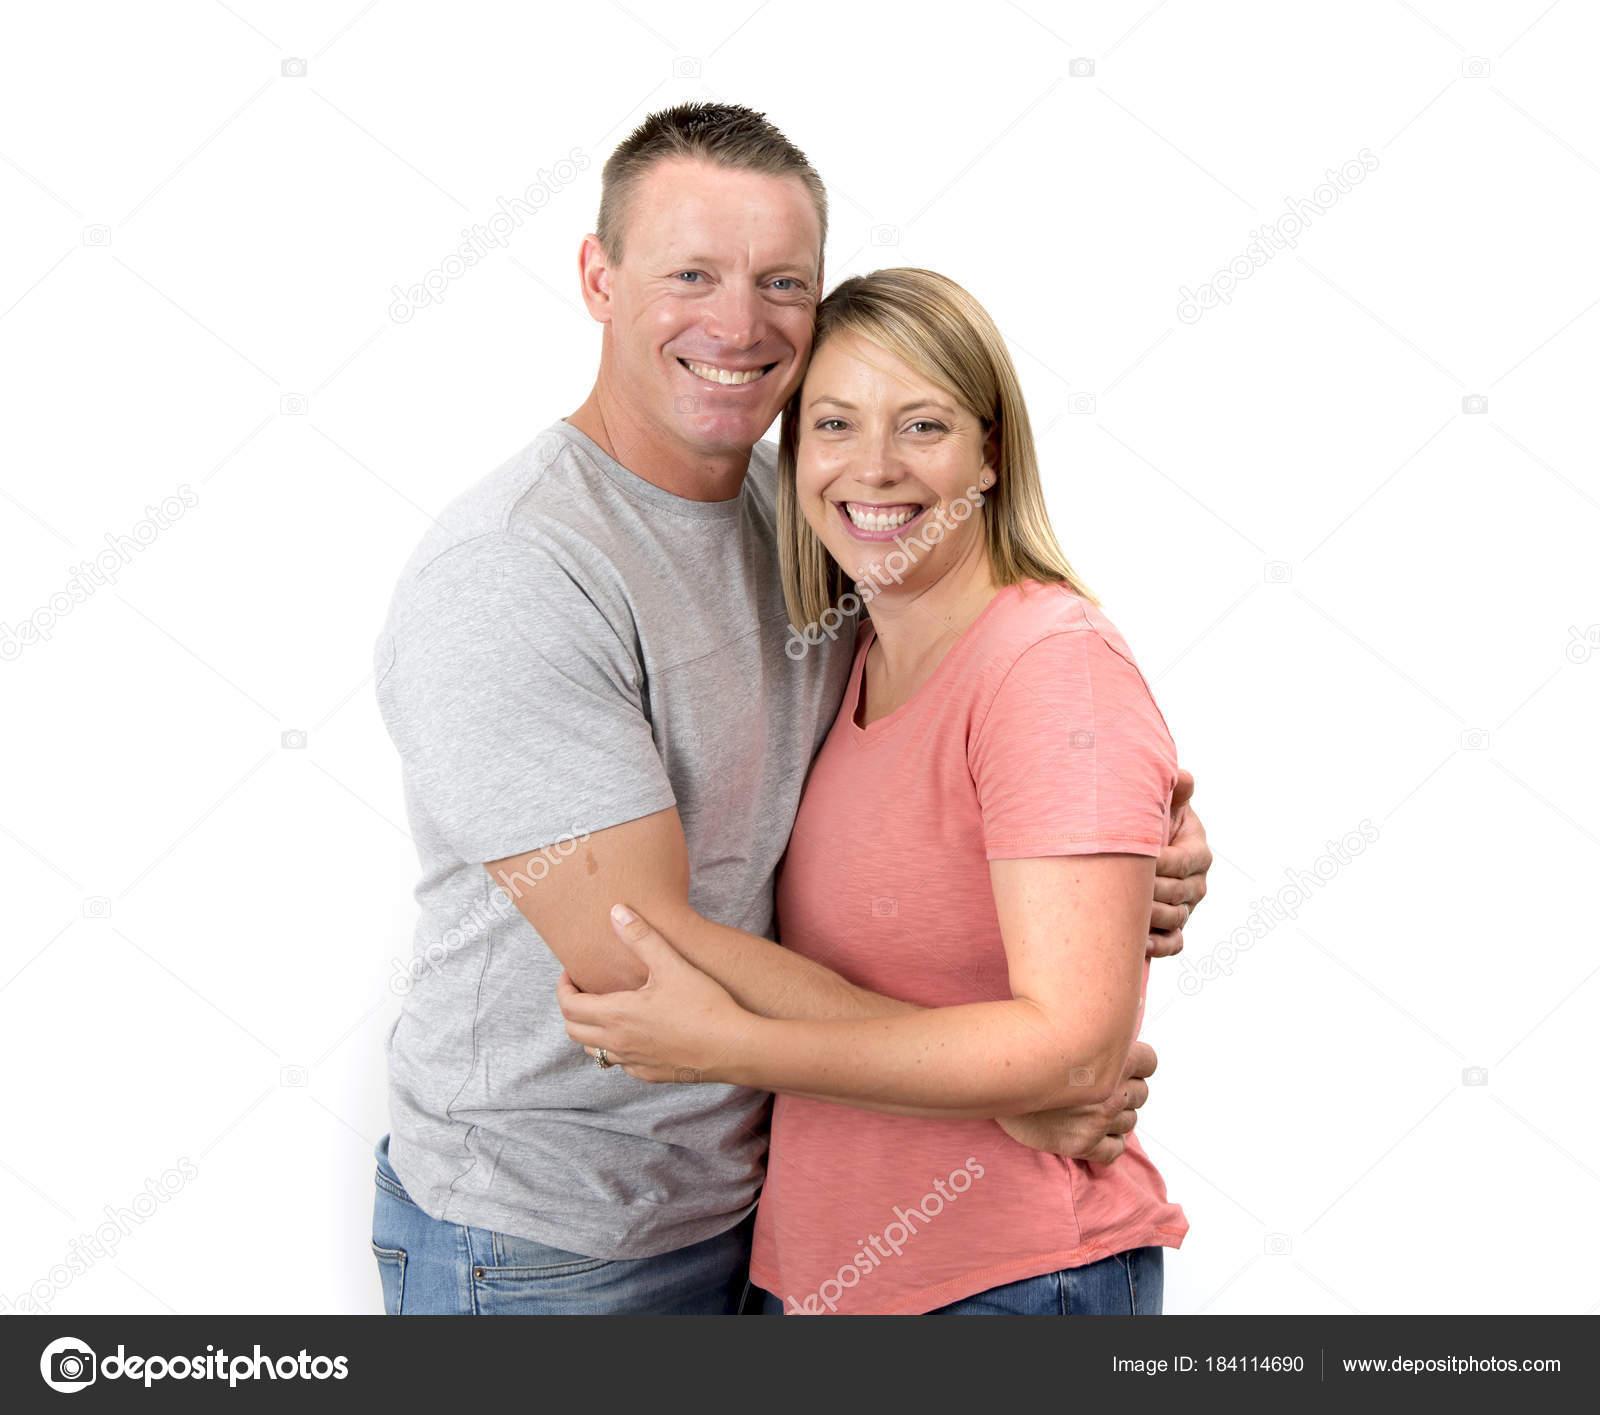 Ебет блондинку пара и подружка жены изменяет